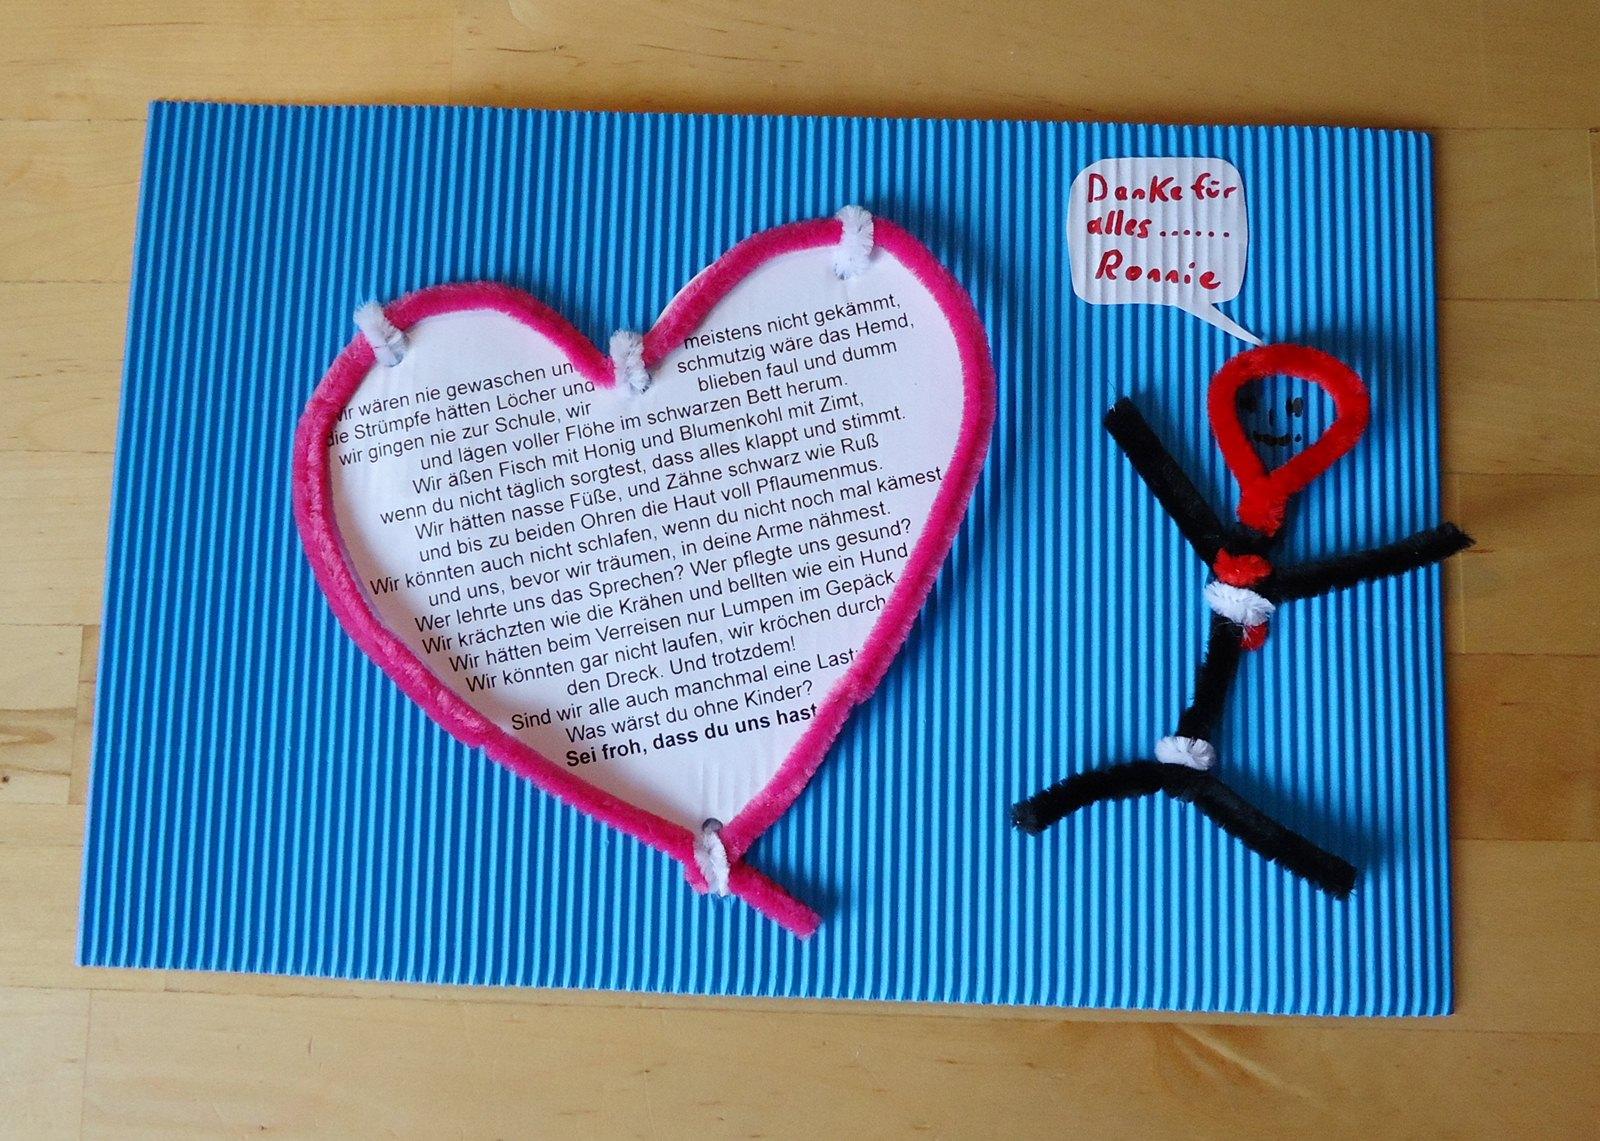 kreative kiste kleines geschenk basteln zum muttertag danke sagen. Black Bedroom Furniture Sets. Home Design Ideas